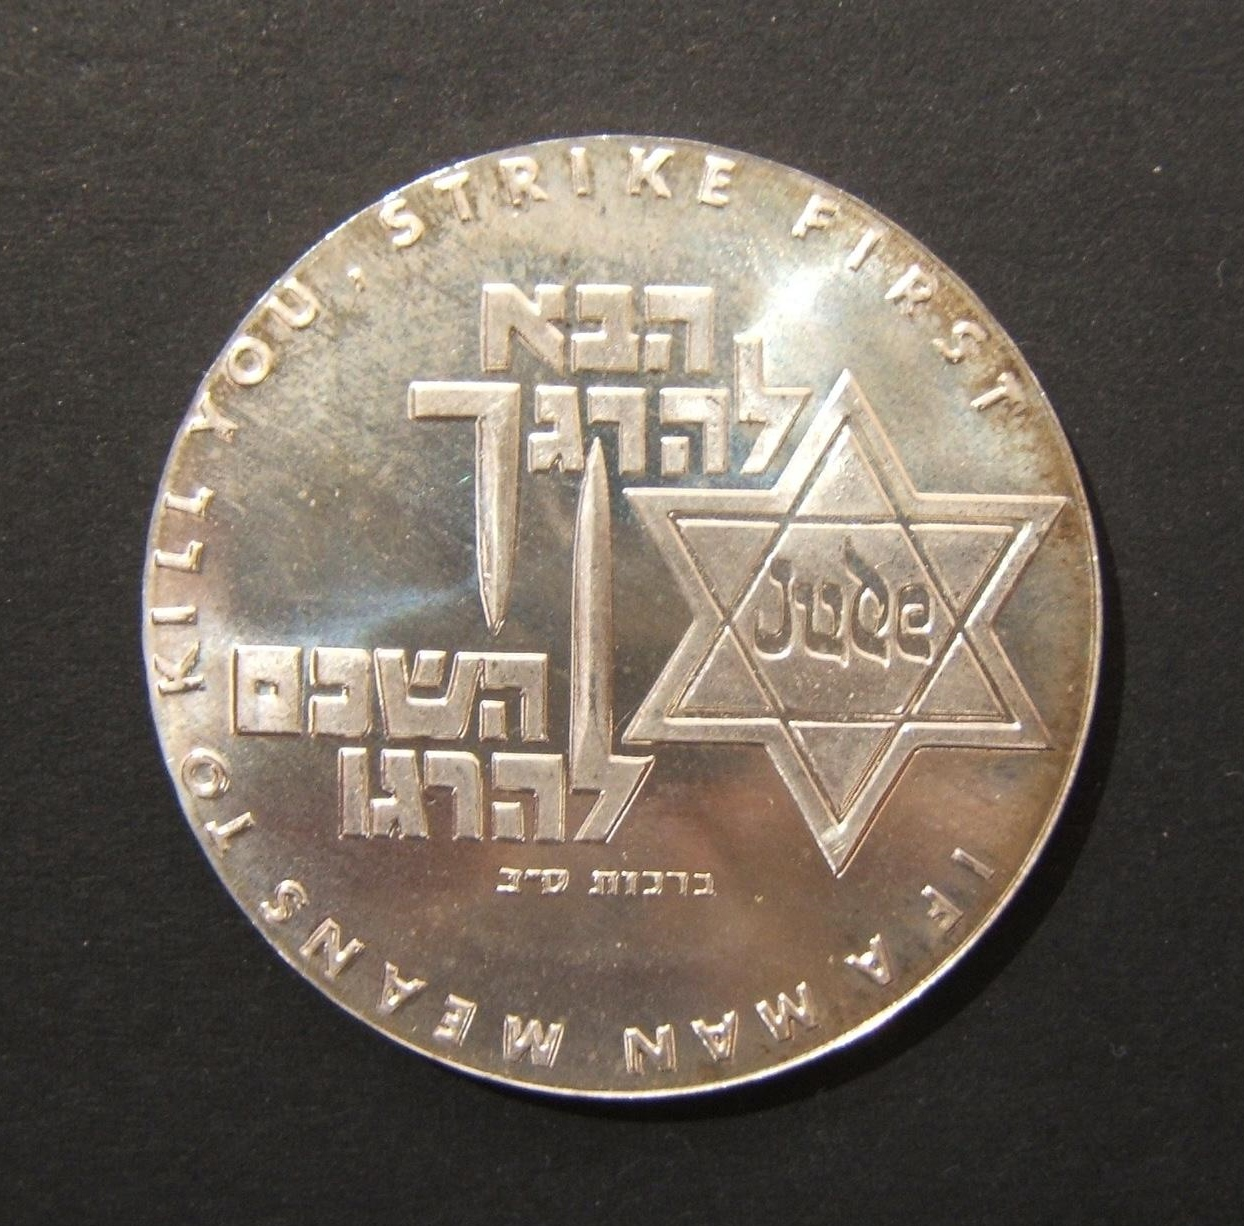 Israel: Jüdische Freiwillige in den britischen Streitkräften, 1939-1946 nummeriert (3212 von 5719) staatliche Silbermedaille (ND), 1975; von Rothschild und Lippman (